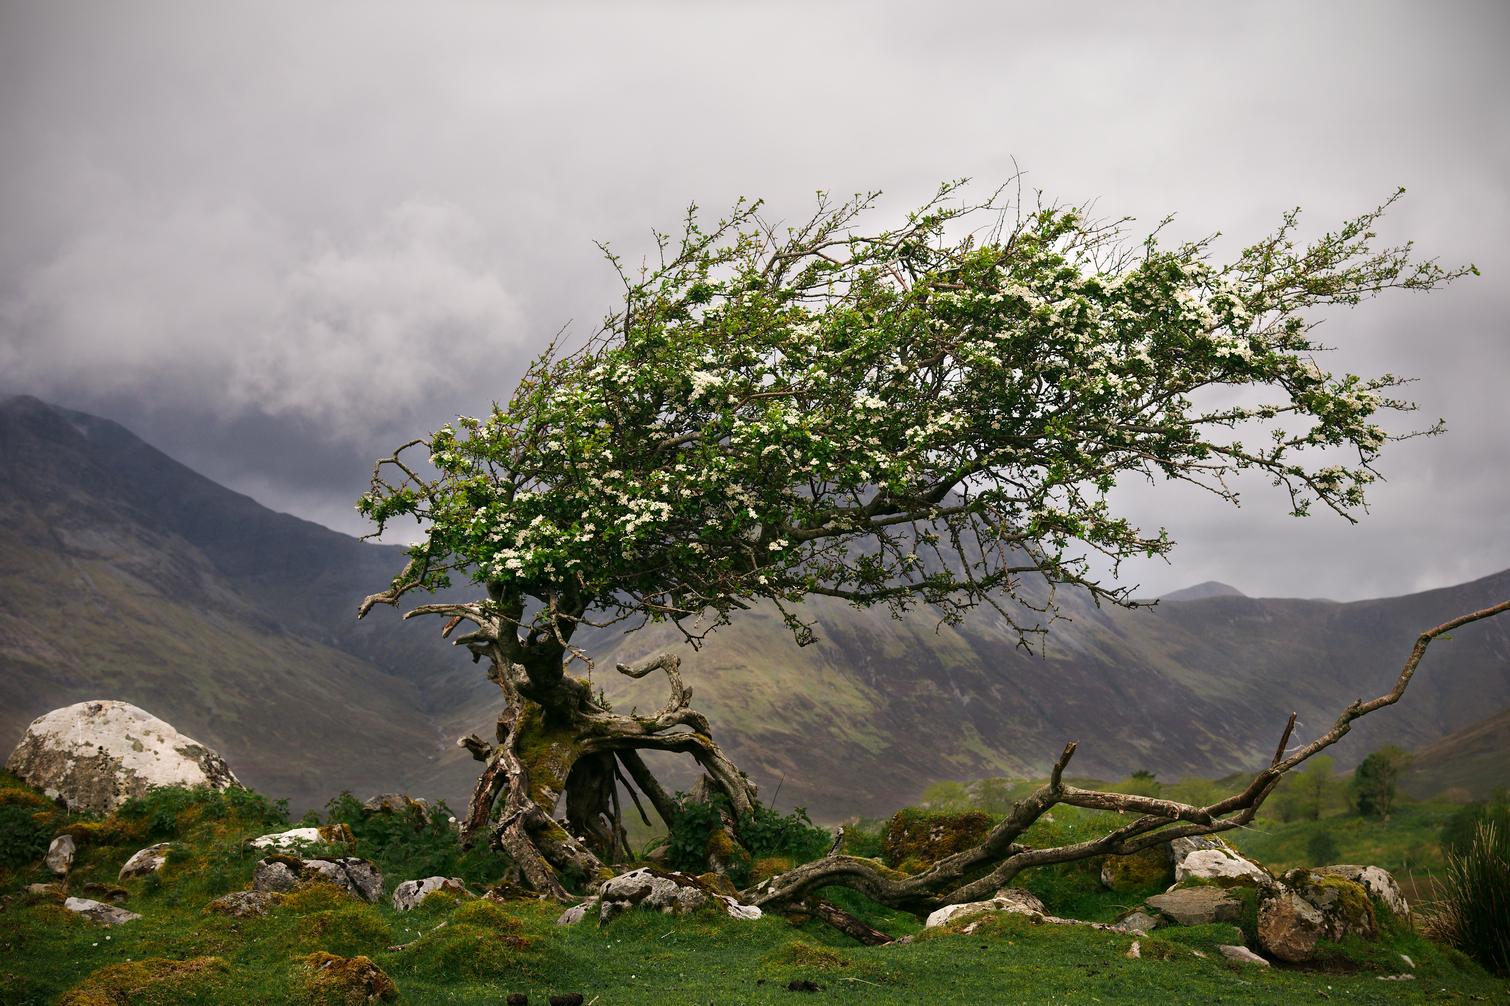 On the road to Elgol, Isle of Skye